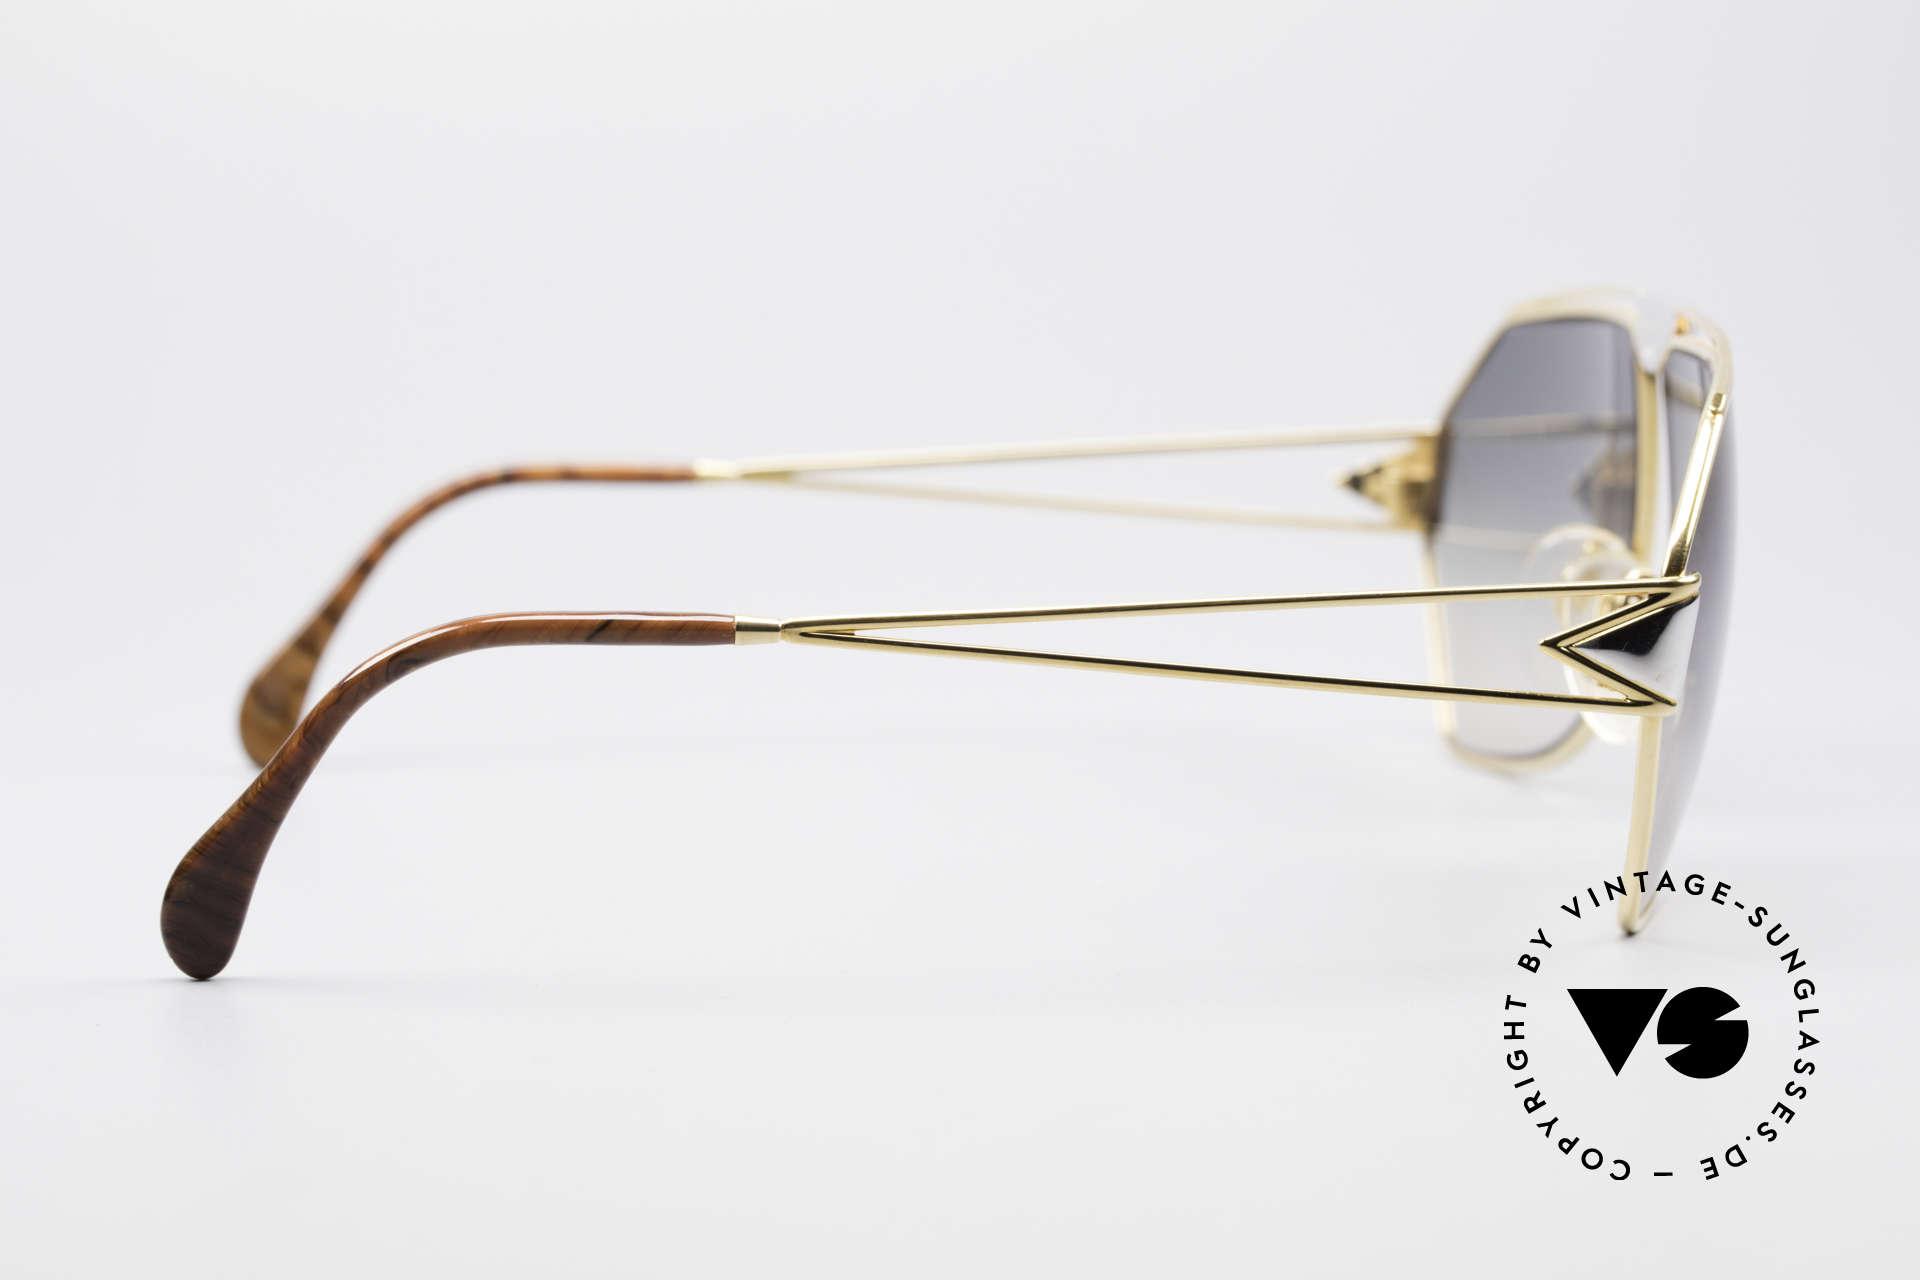 St. Moritz 403 80er Jupiter Sonnenbrille, ungetragen (wie alle unsere seltenen St. Moritz Brillen), Passend für Herren